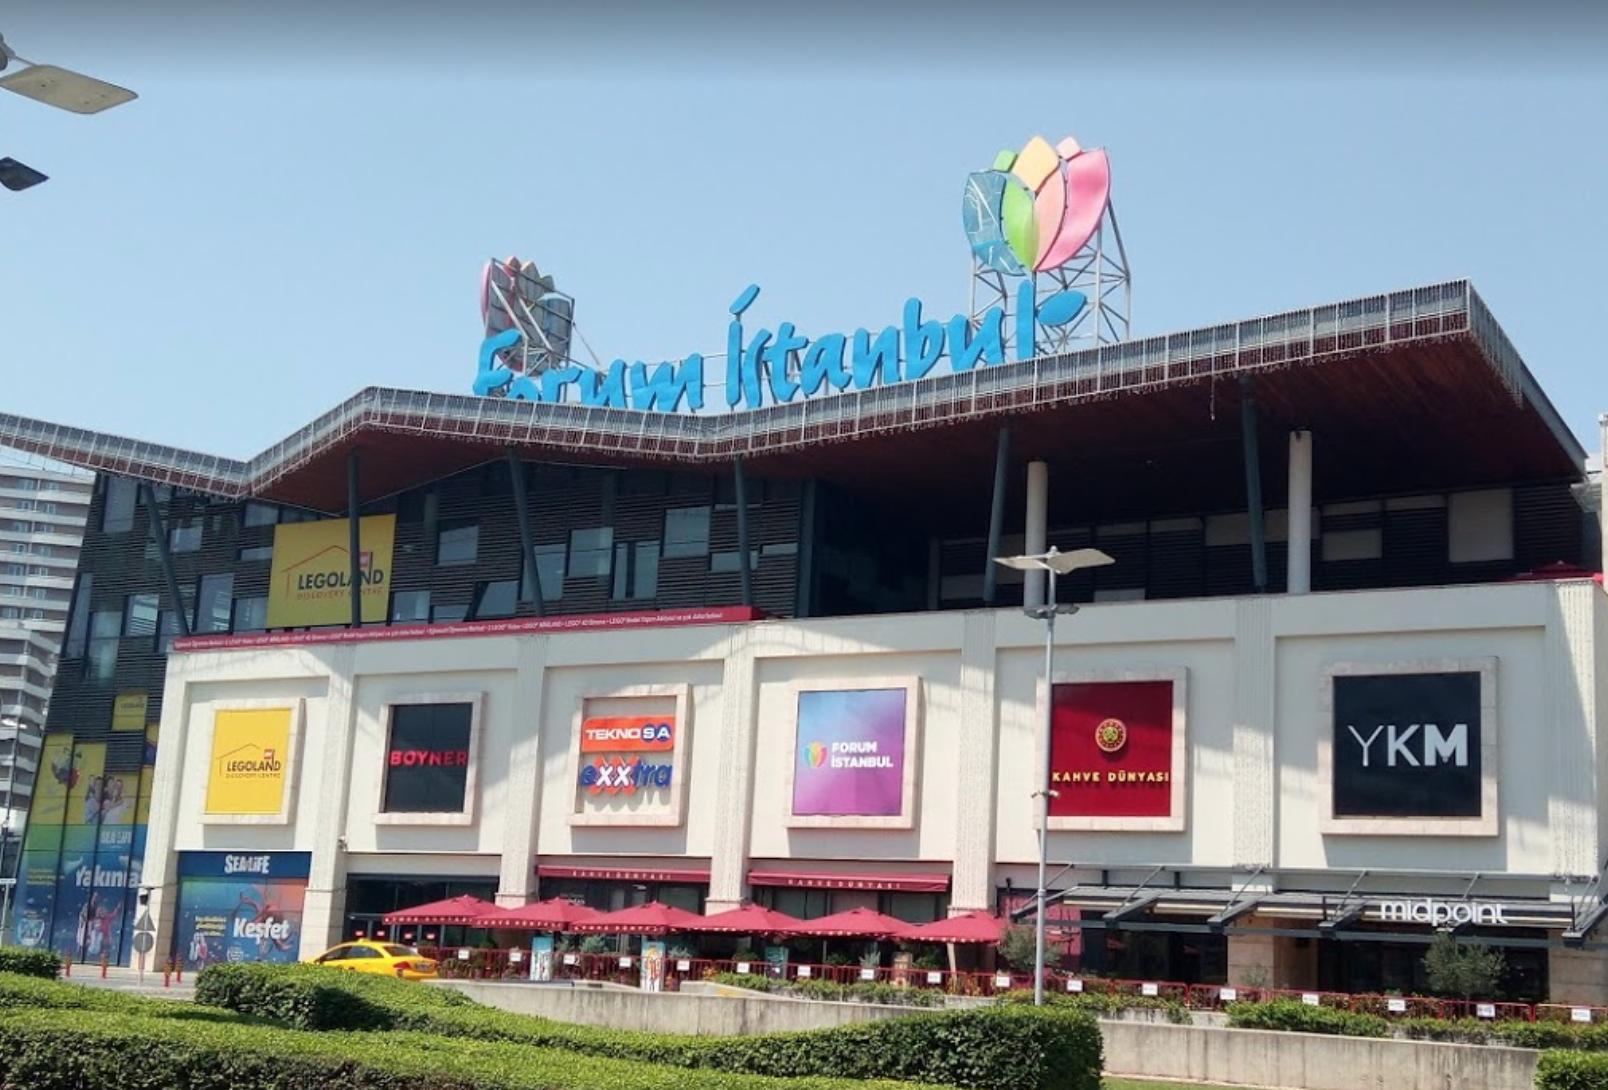 Торговый центр Forum Istanbul (Форум)